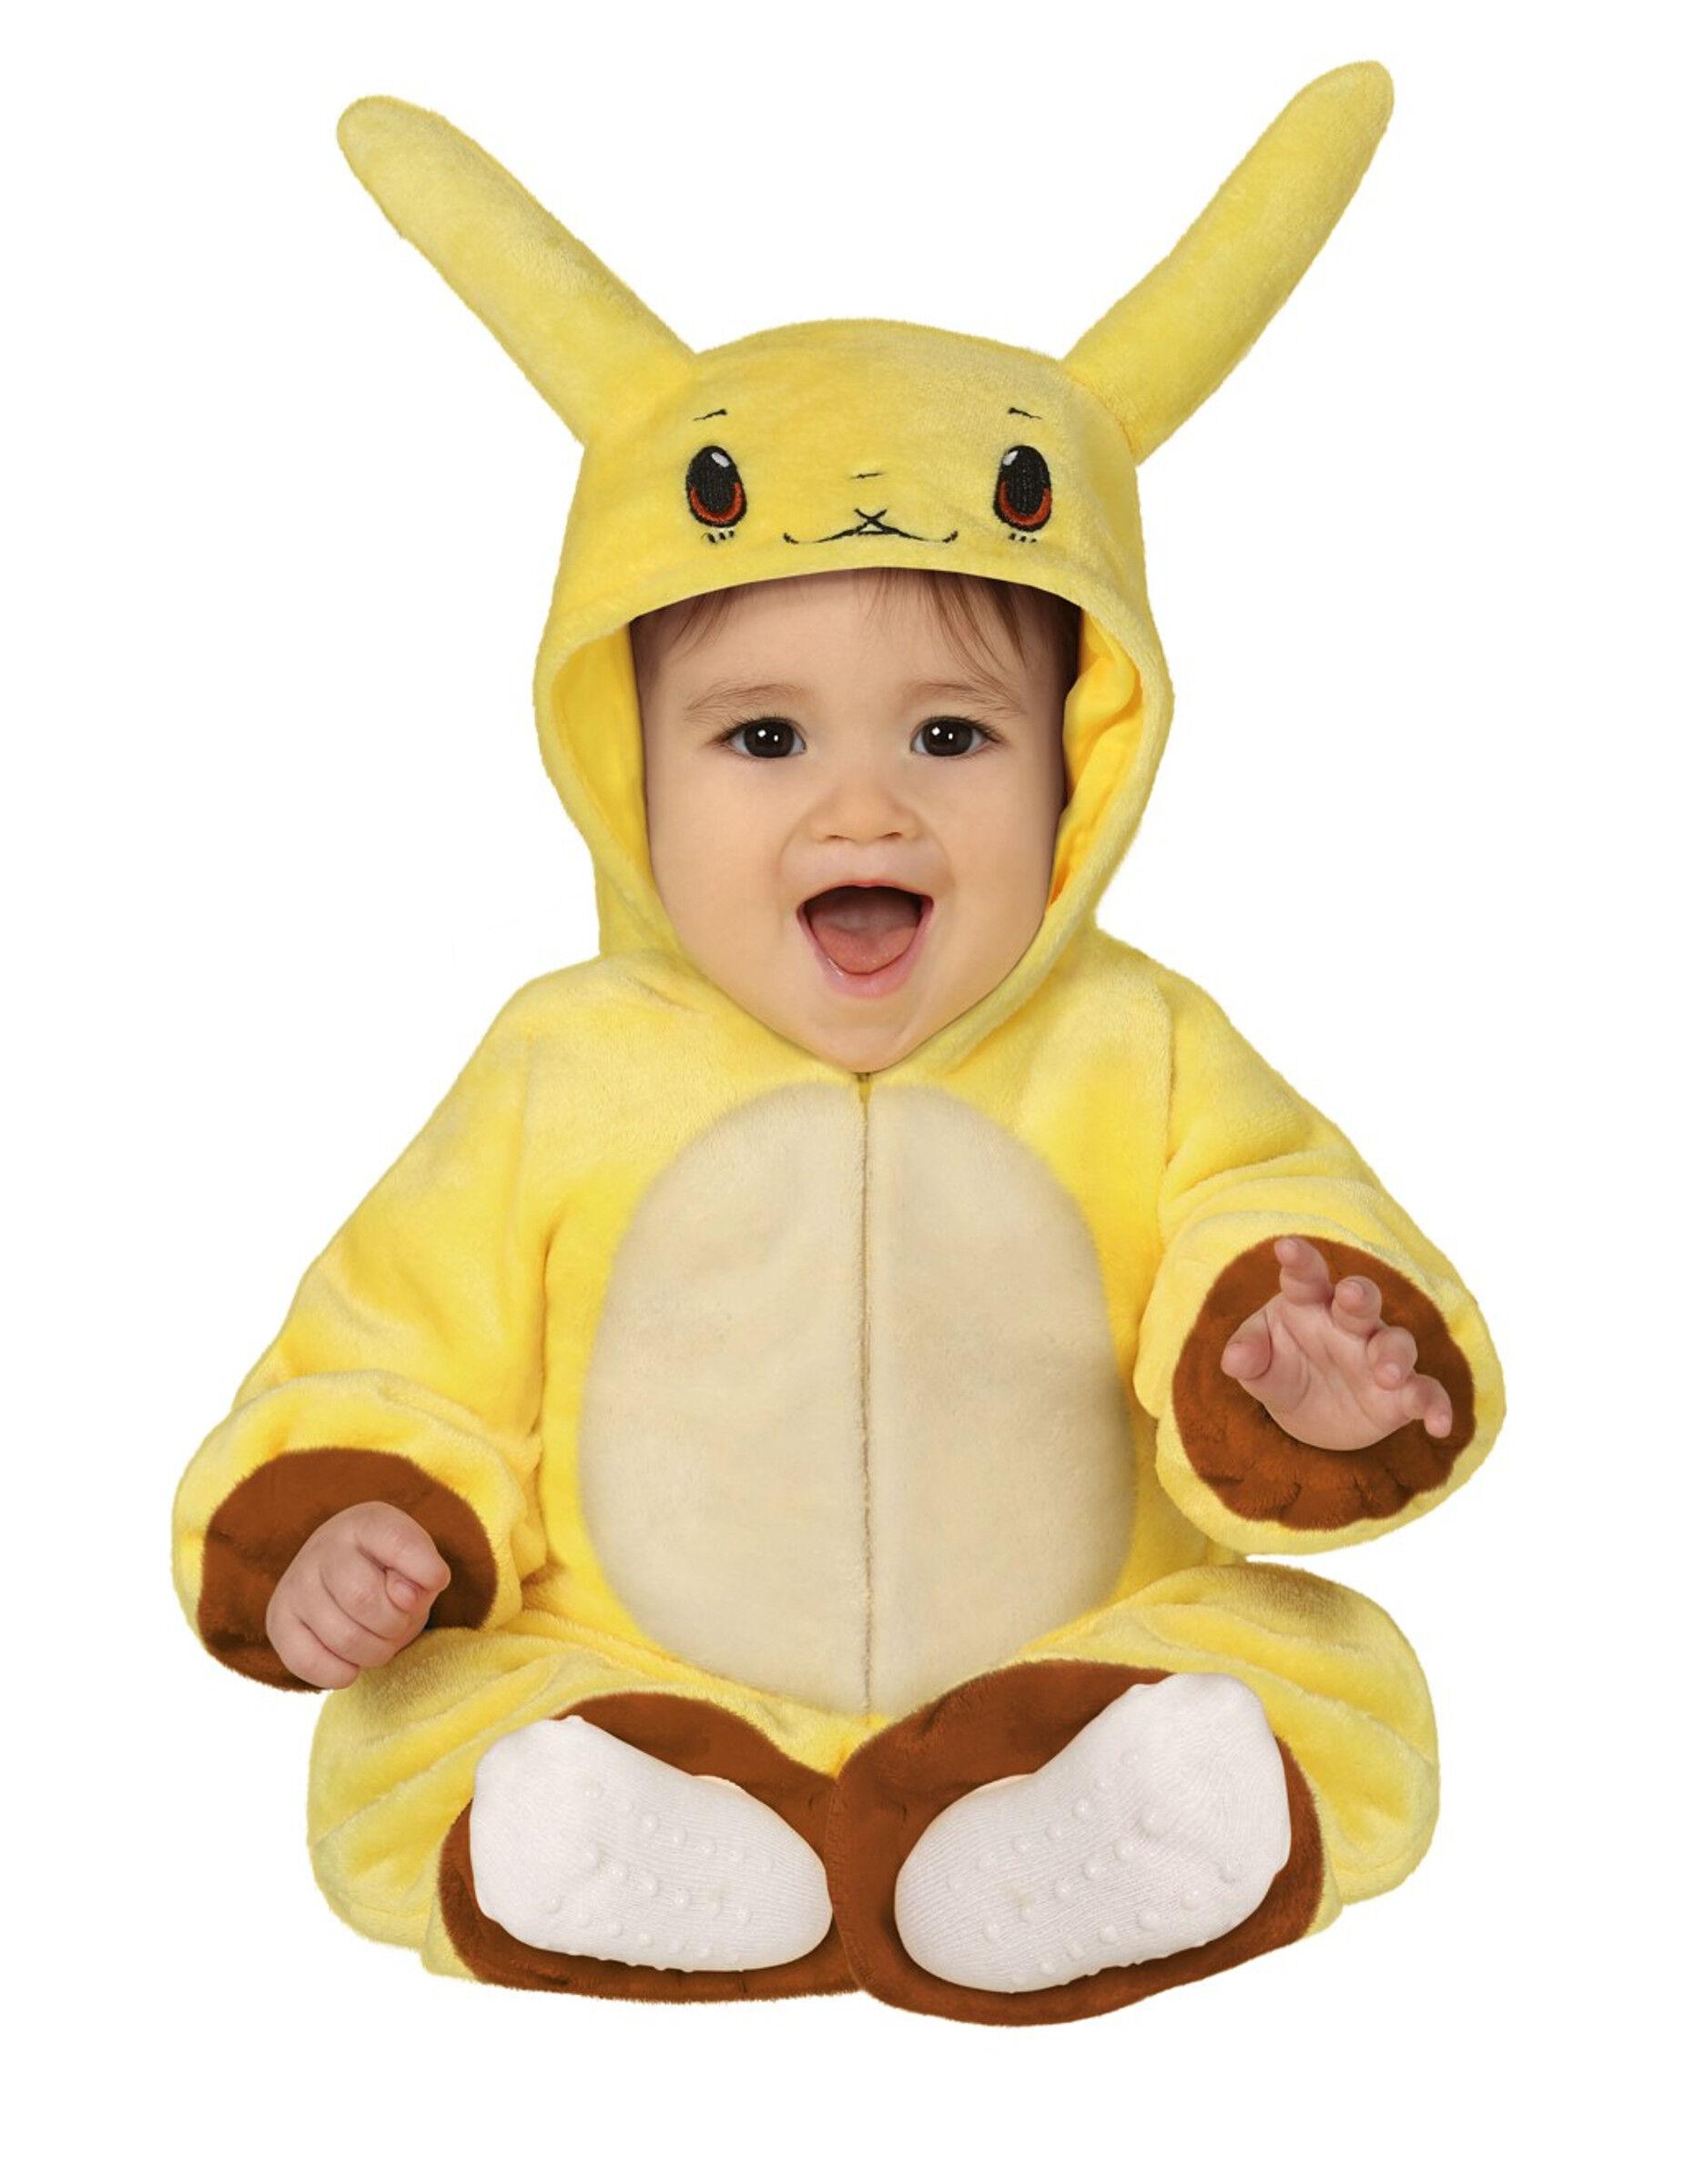 Deguisetoi Déguisement bonhomme jaune électrique bébé - Taille: 6 à 12 mois (82-83 cm)